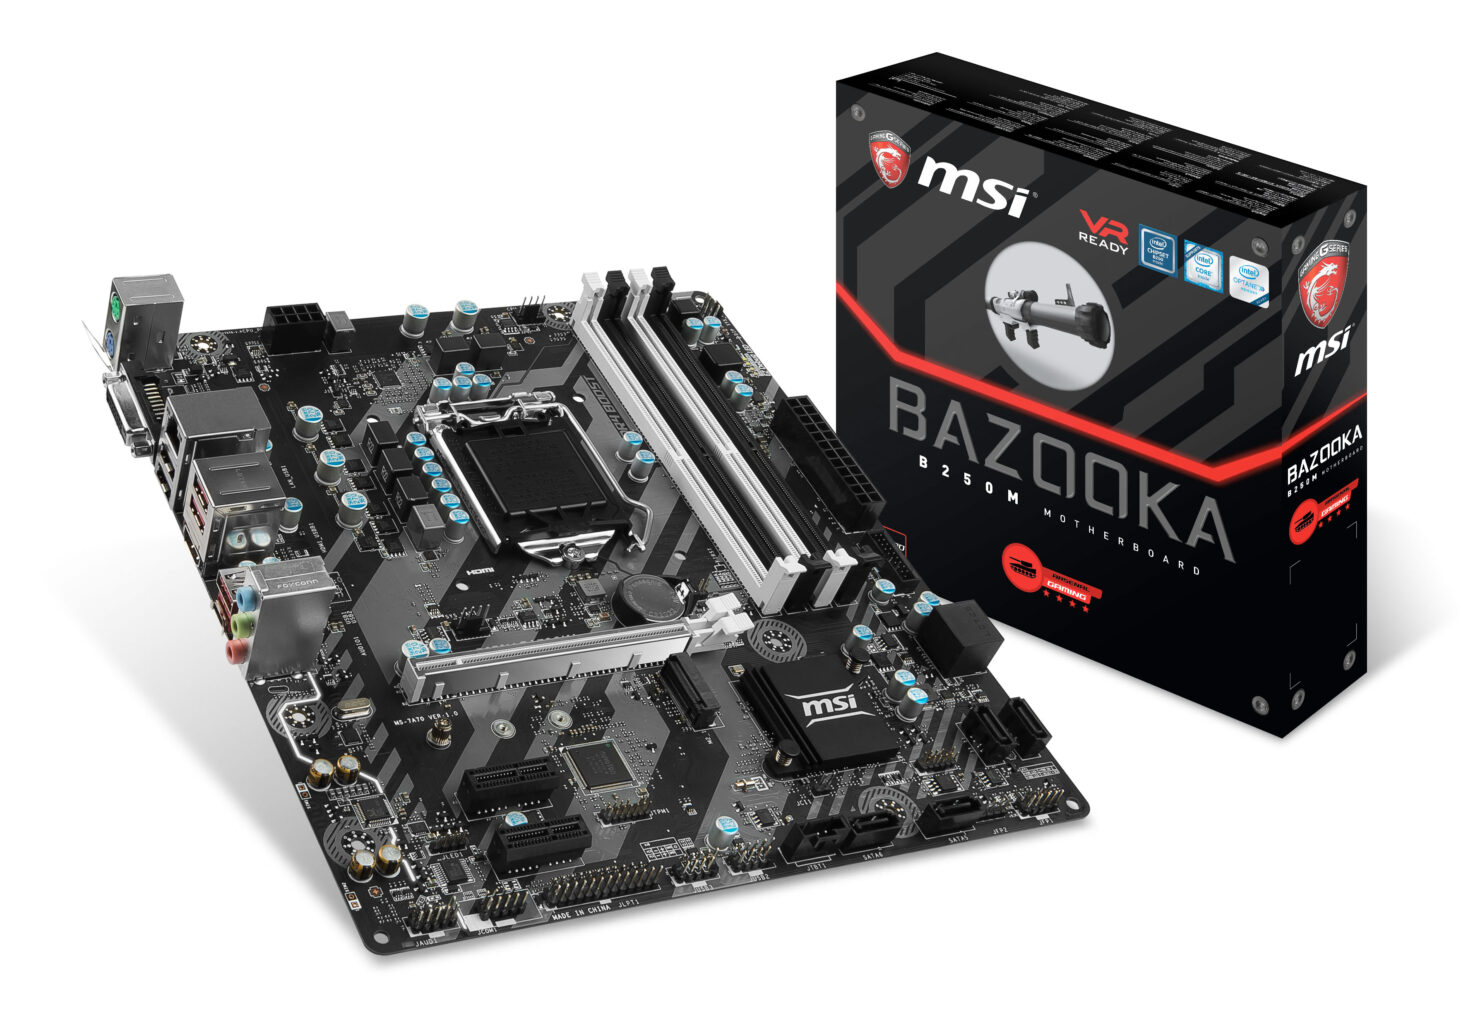 msi-b250m_bazooka_-product_picture-box